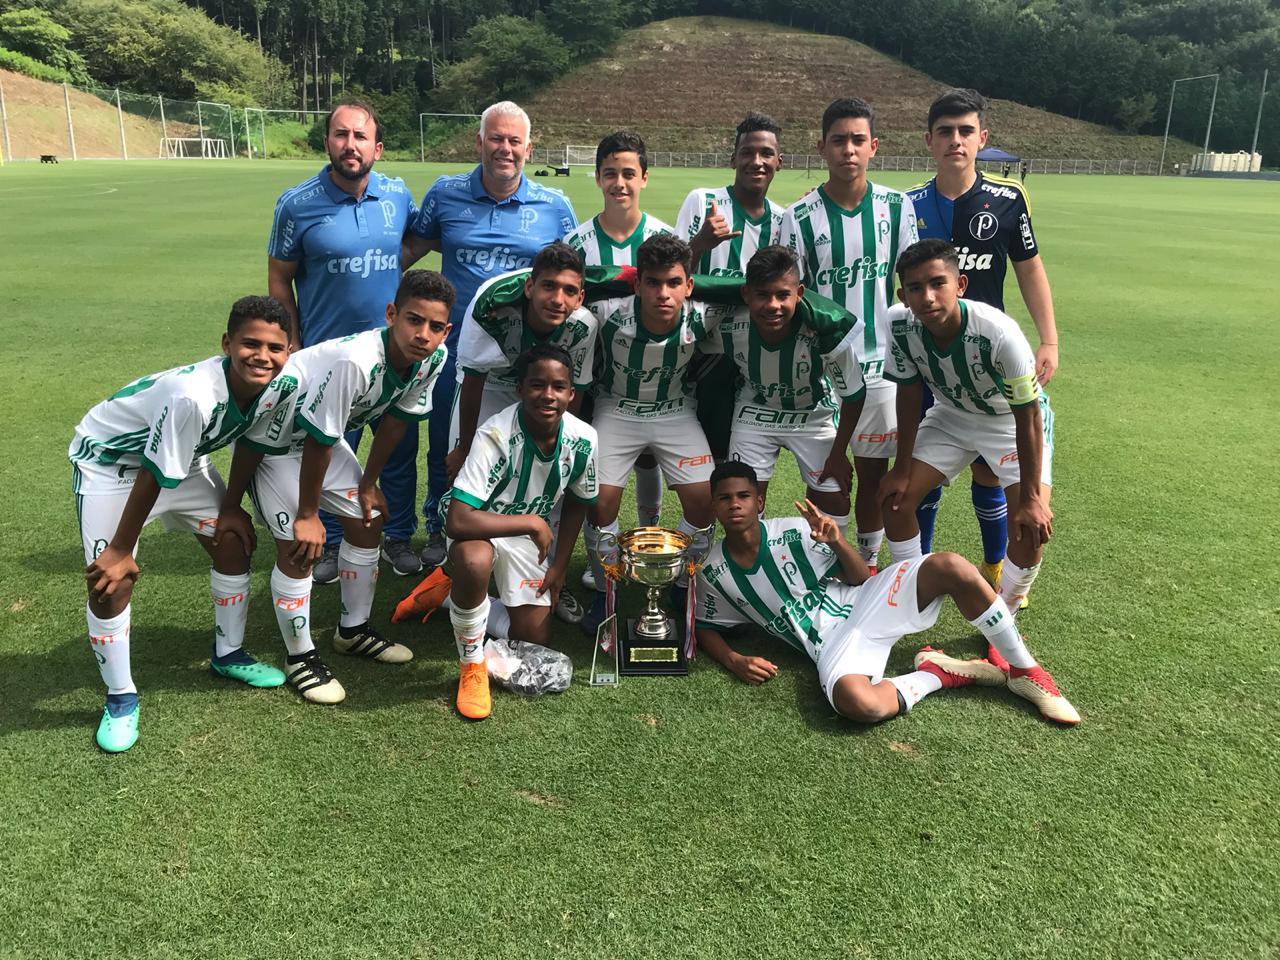 Divulgação_O Verdão venceu o FC Lavida por 8 a 7 nos pênaltis na final